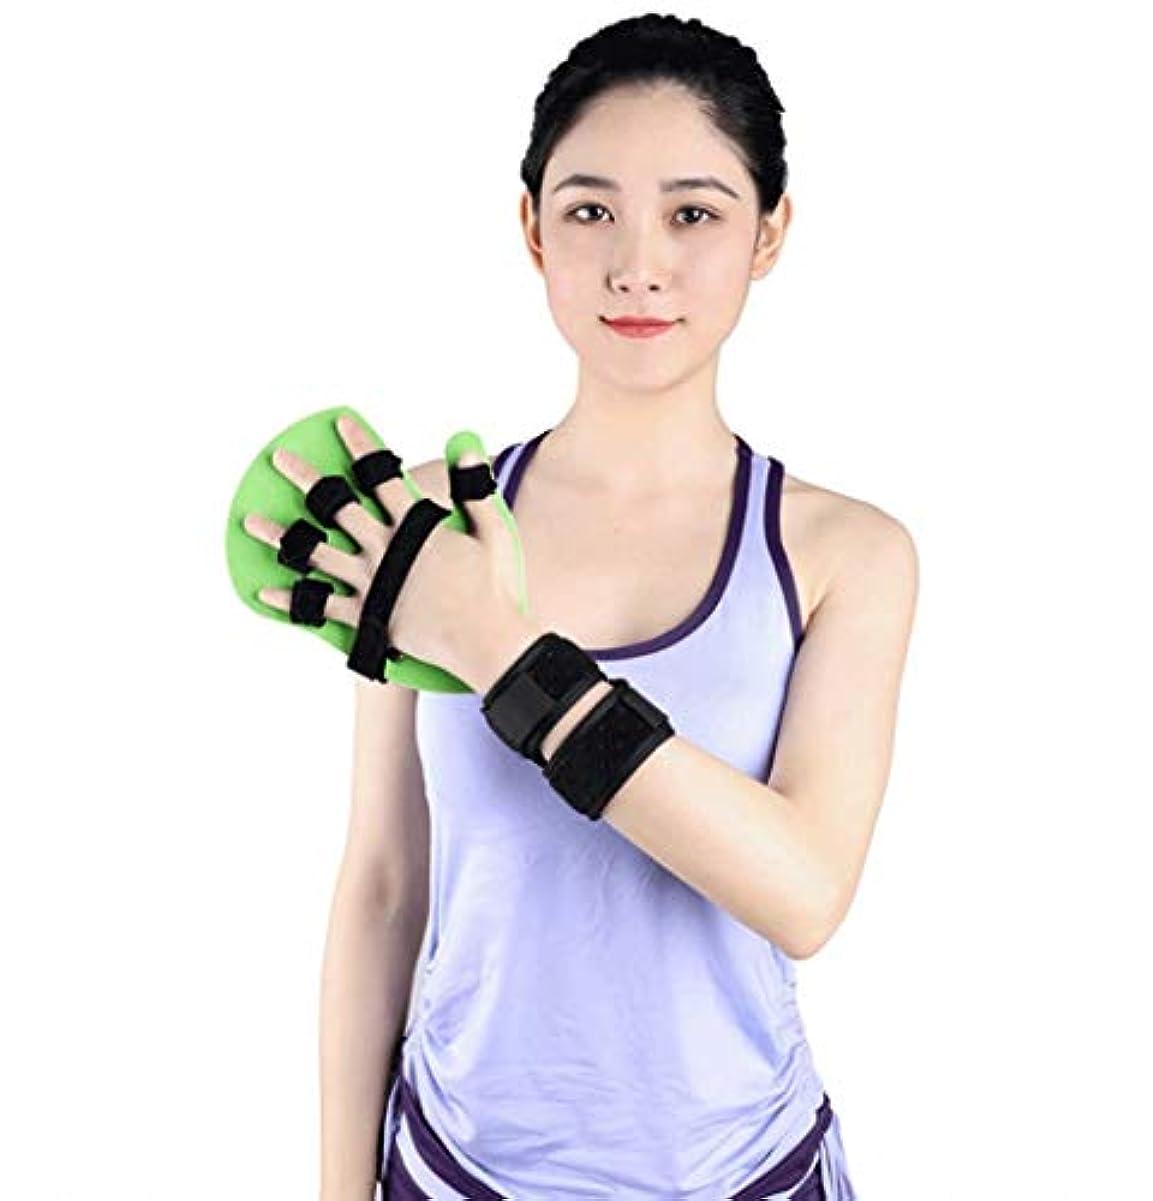 シャベル収容する悲観主義者脳卒中/片麻痺/外傷性脳損傷、左右どちらの手のためのスプリント指指セパレーターフィンガートレーニングDeviceFingerインソール指を指 (Color : Left, Size : L)